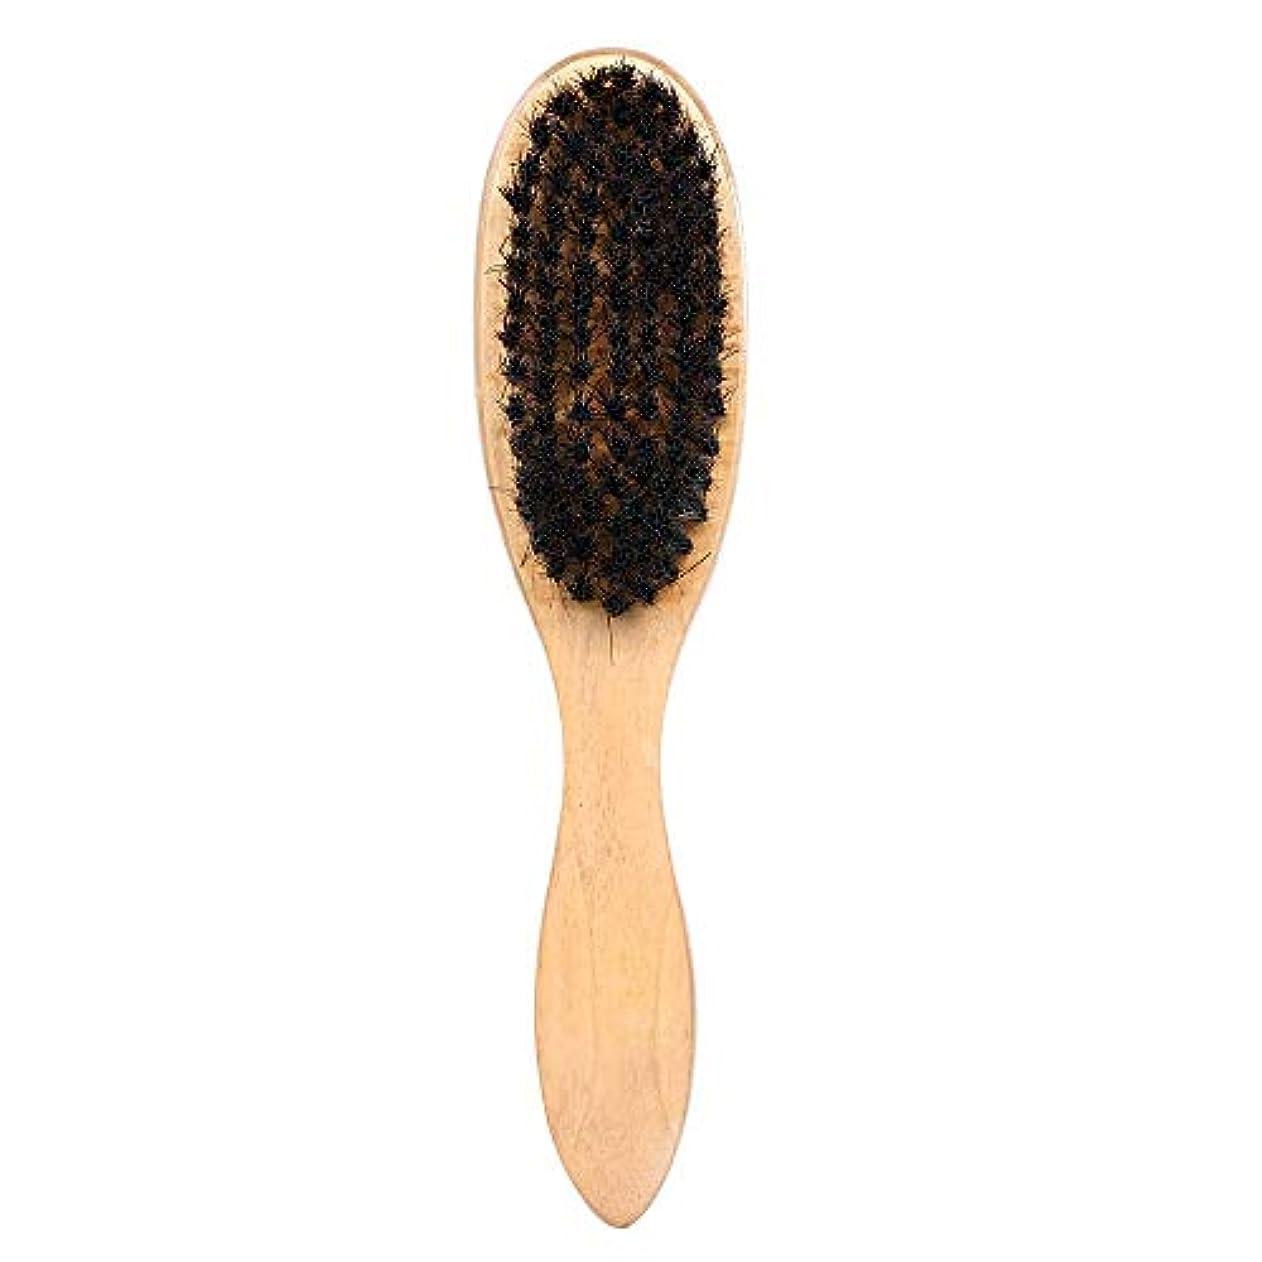 アンソロジー社交的スキームあごひげケア 美容ツール ひげブラシ木製ヘアブラシイノシシ剛毛木製ハンドルシェービングブラシ木製ひげ櫛男性用